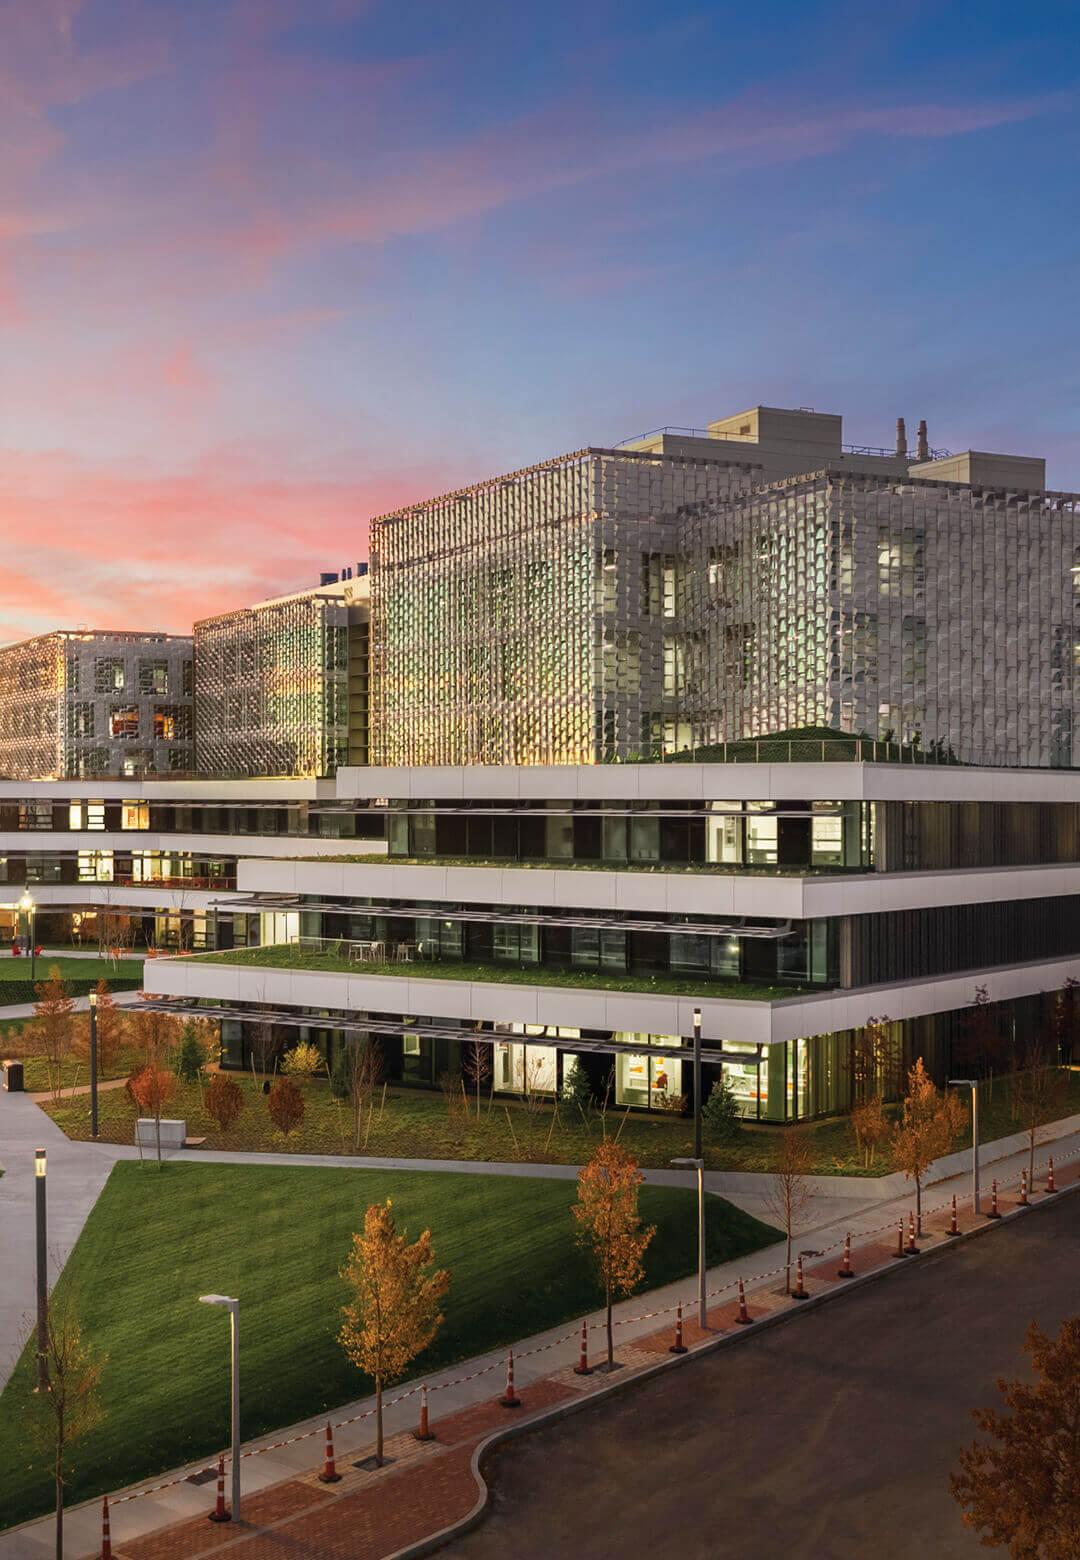 Harvard University's new Science and Engineering complex by Behnisch Architekten employs sustainable design features   New Harvard building   Behnisch Architekten   STIRworld